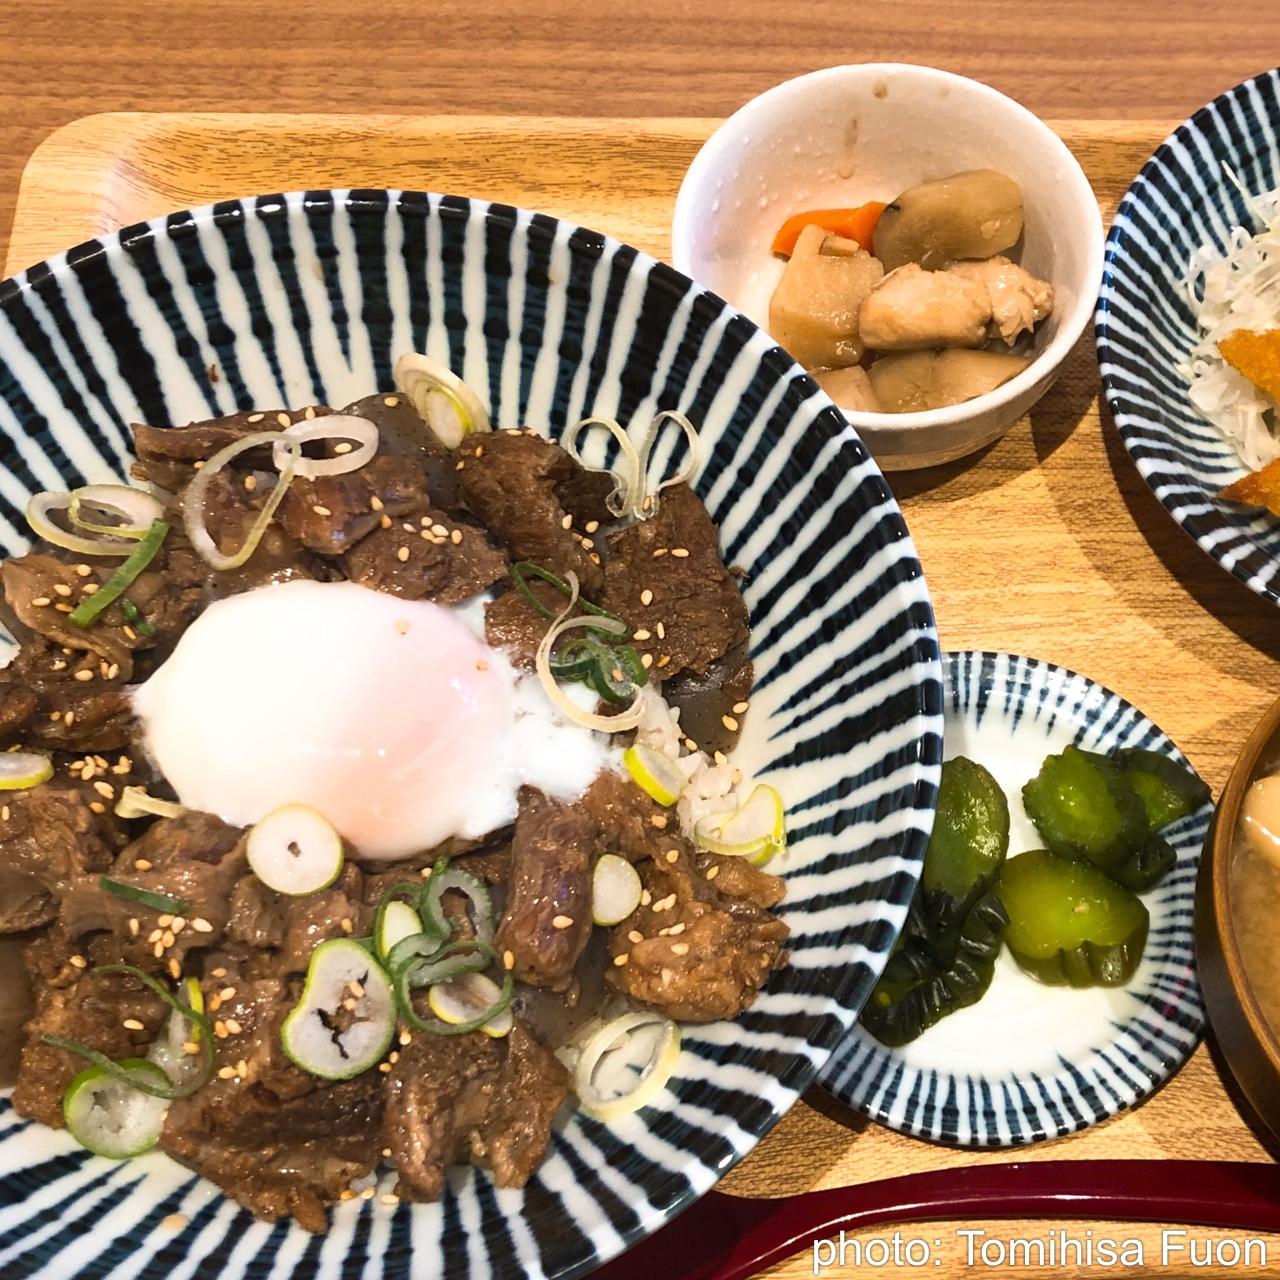 肉豆冨とレモンサワー 大衆食堂 安べゑ 市ヶ谷店>